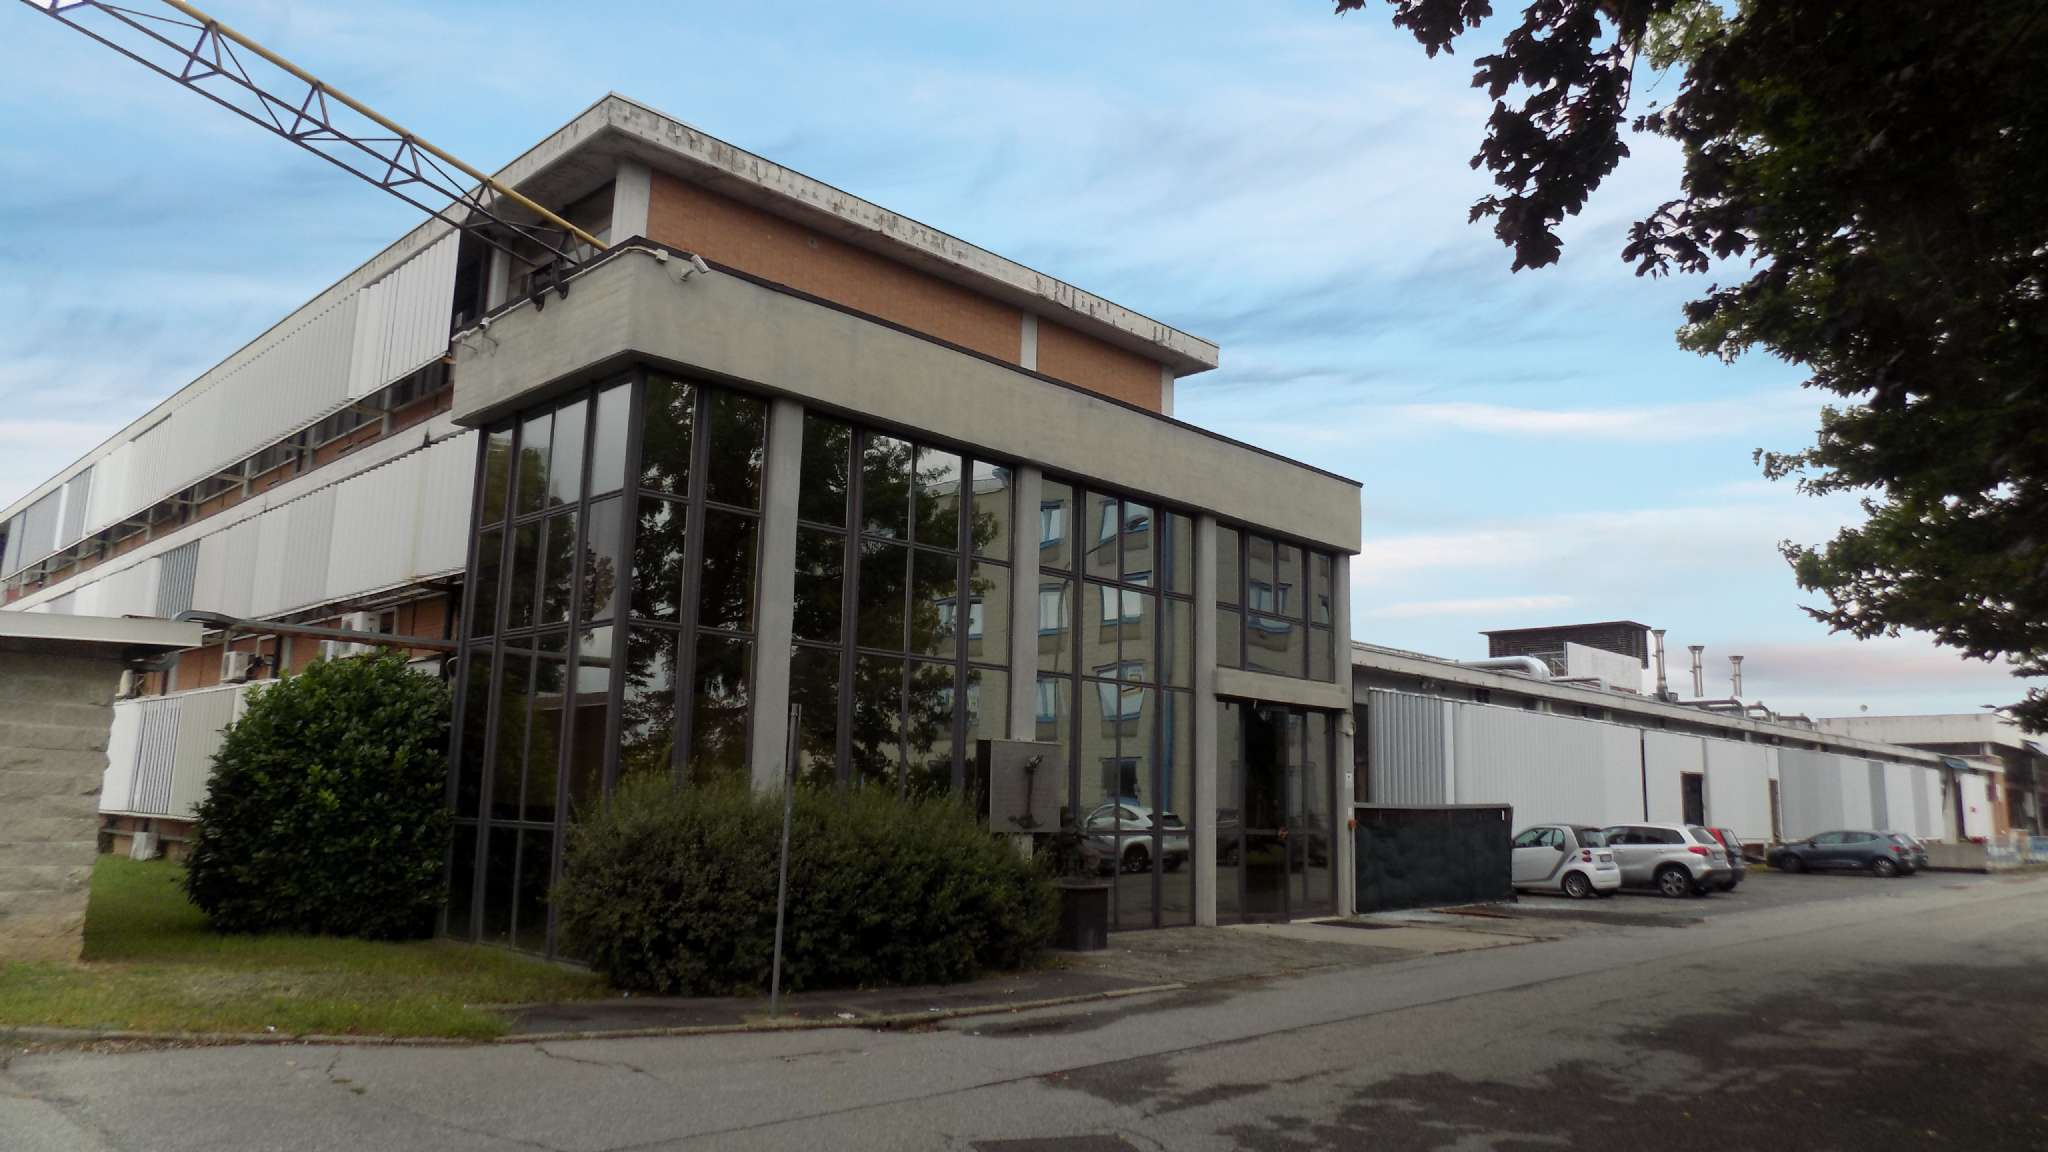 Capannone in vendita a Alpignano, 5 locali, prezzo € 1.980.000 | PortaleAgenzieImmobiliari.it